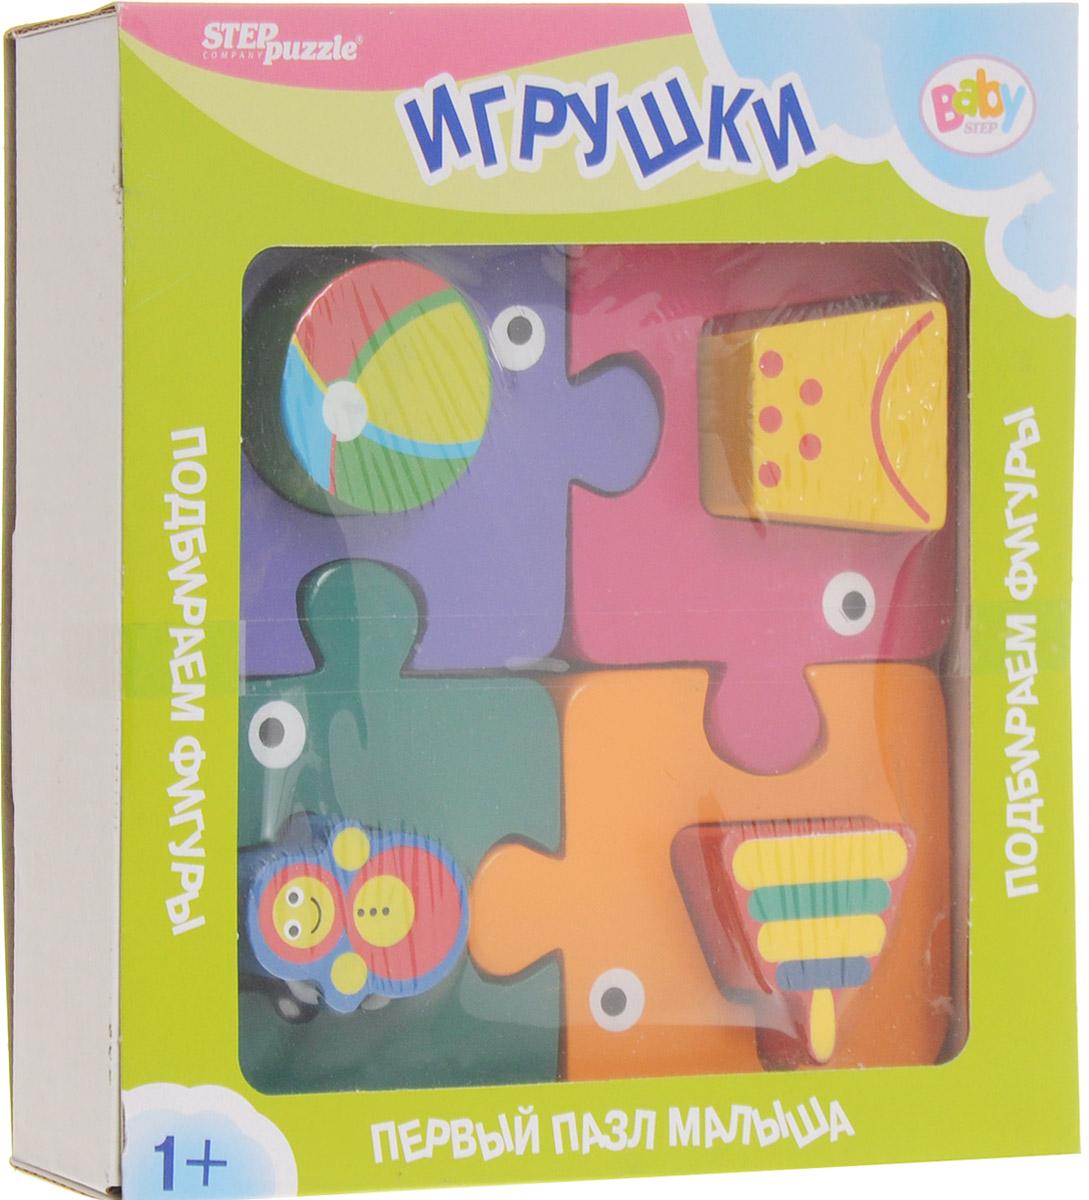 Step Puzzle Пазл для малышей Игрушки step puzzle пазл для малышей томас и его друзья